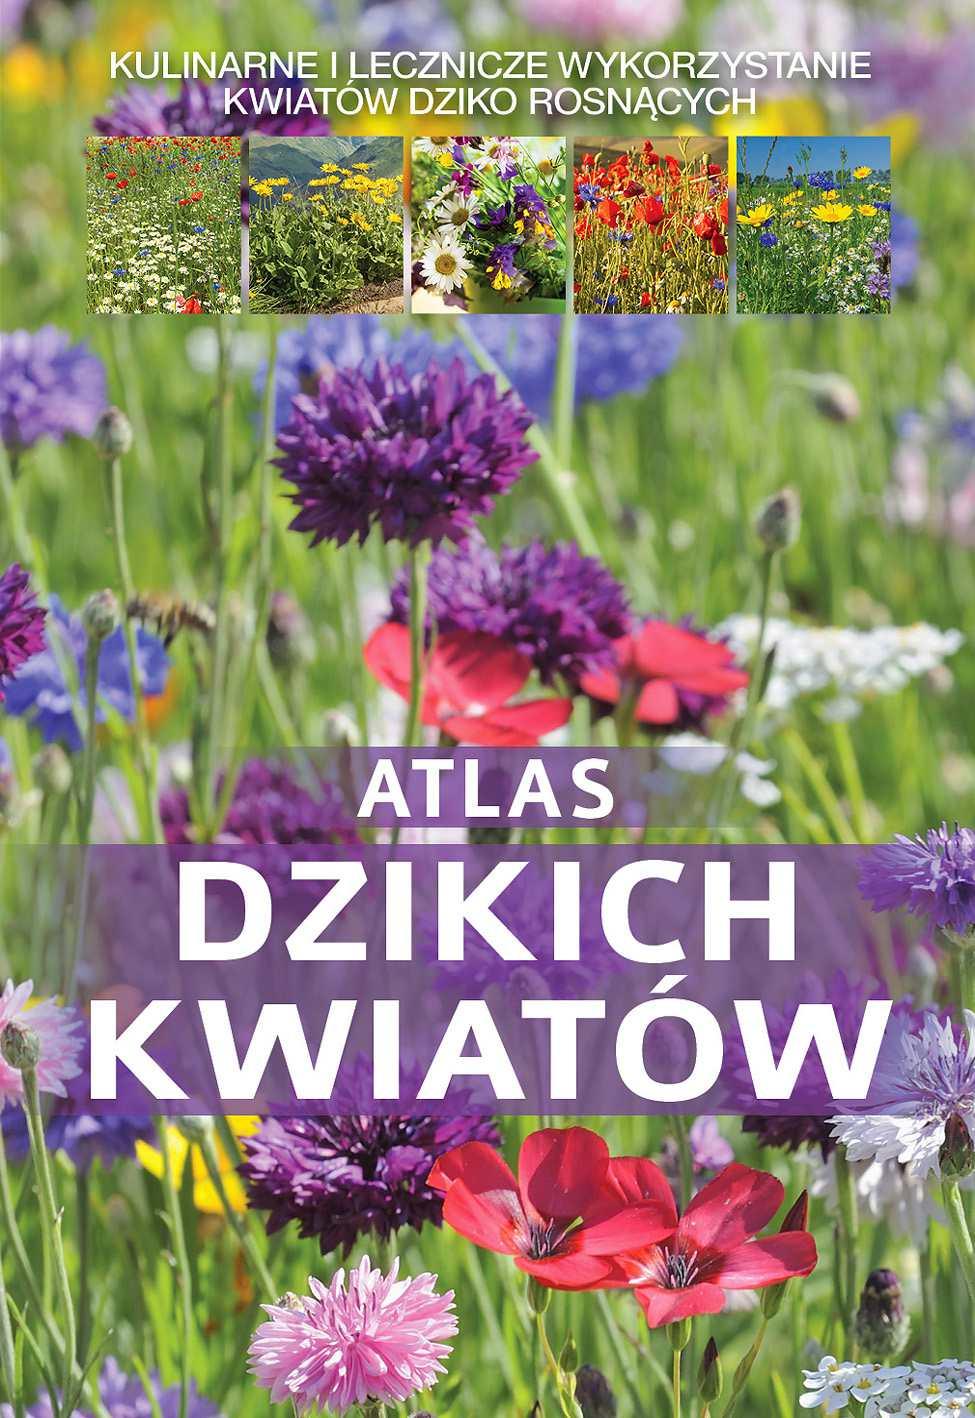 Atlas dzikich kwiatów - Ebook (Książka PDF) do pobrania w formacie PDF